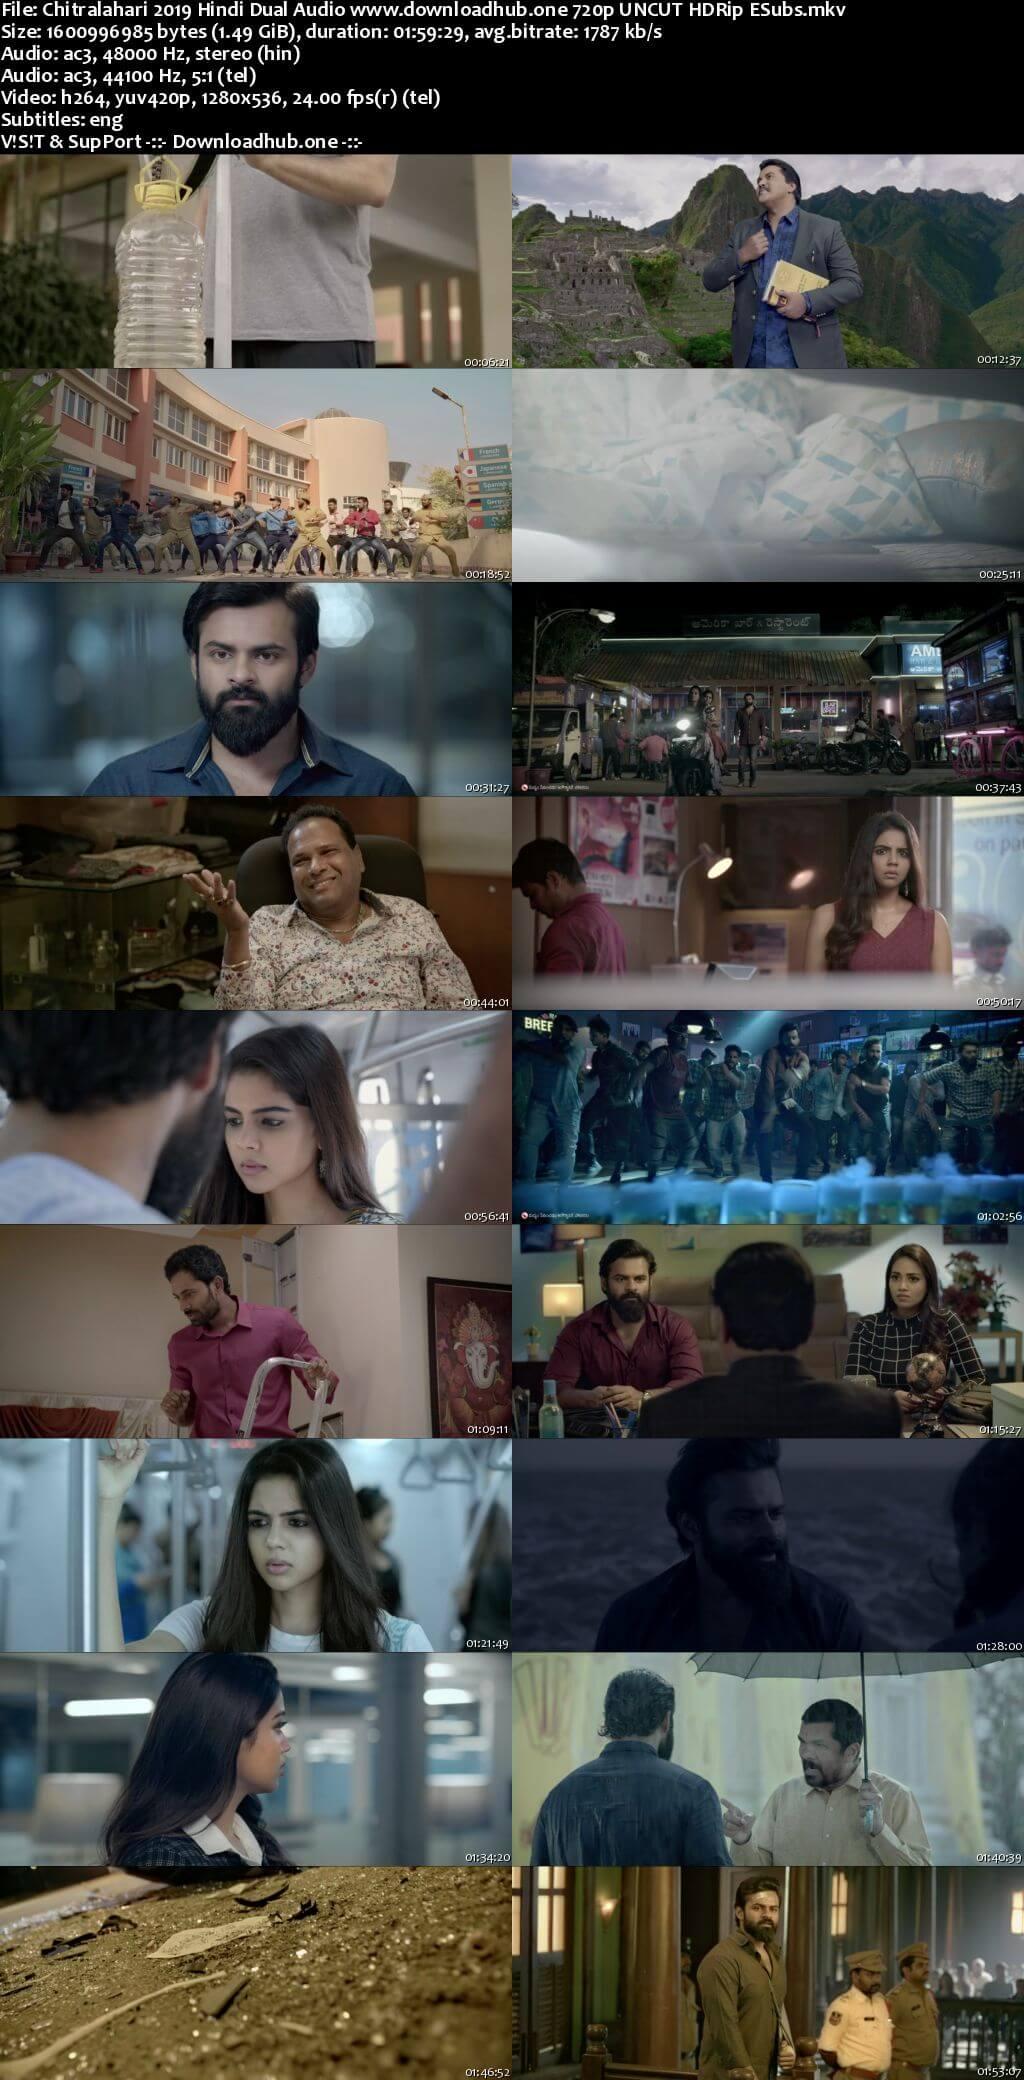 Chitralahari 2019 Hindi Dual Audio 720p UNCUT HDRip ESubs